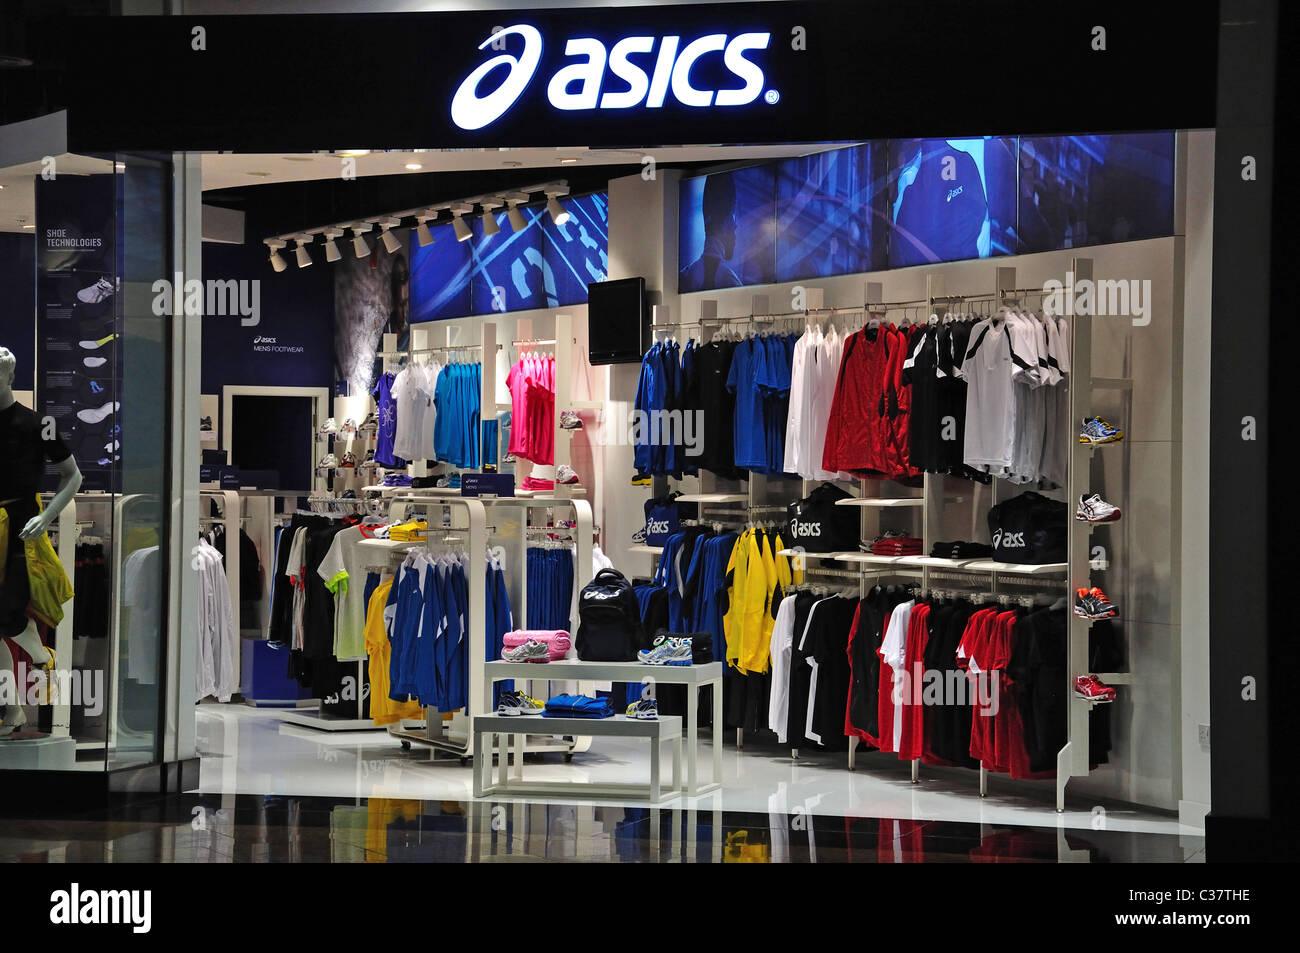 asics store stockholm